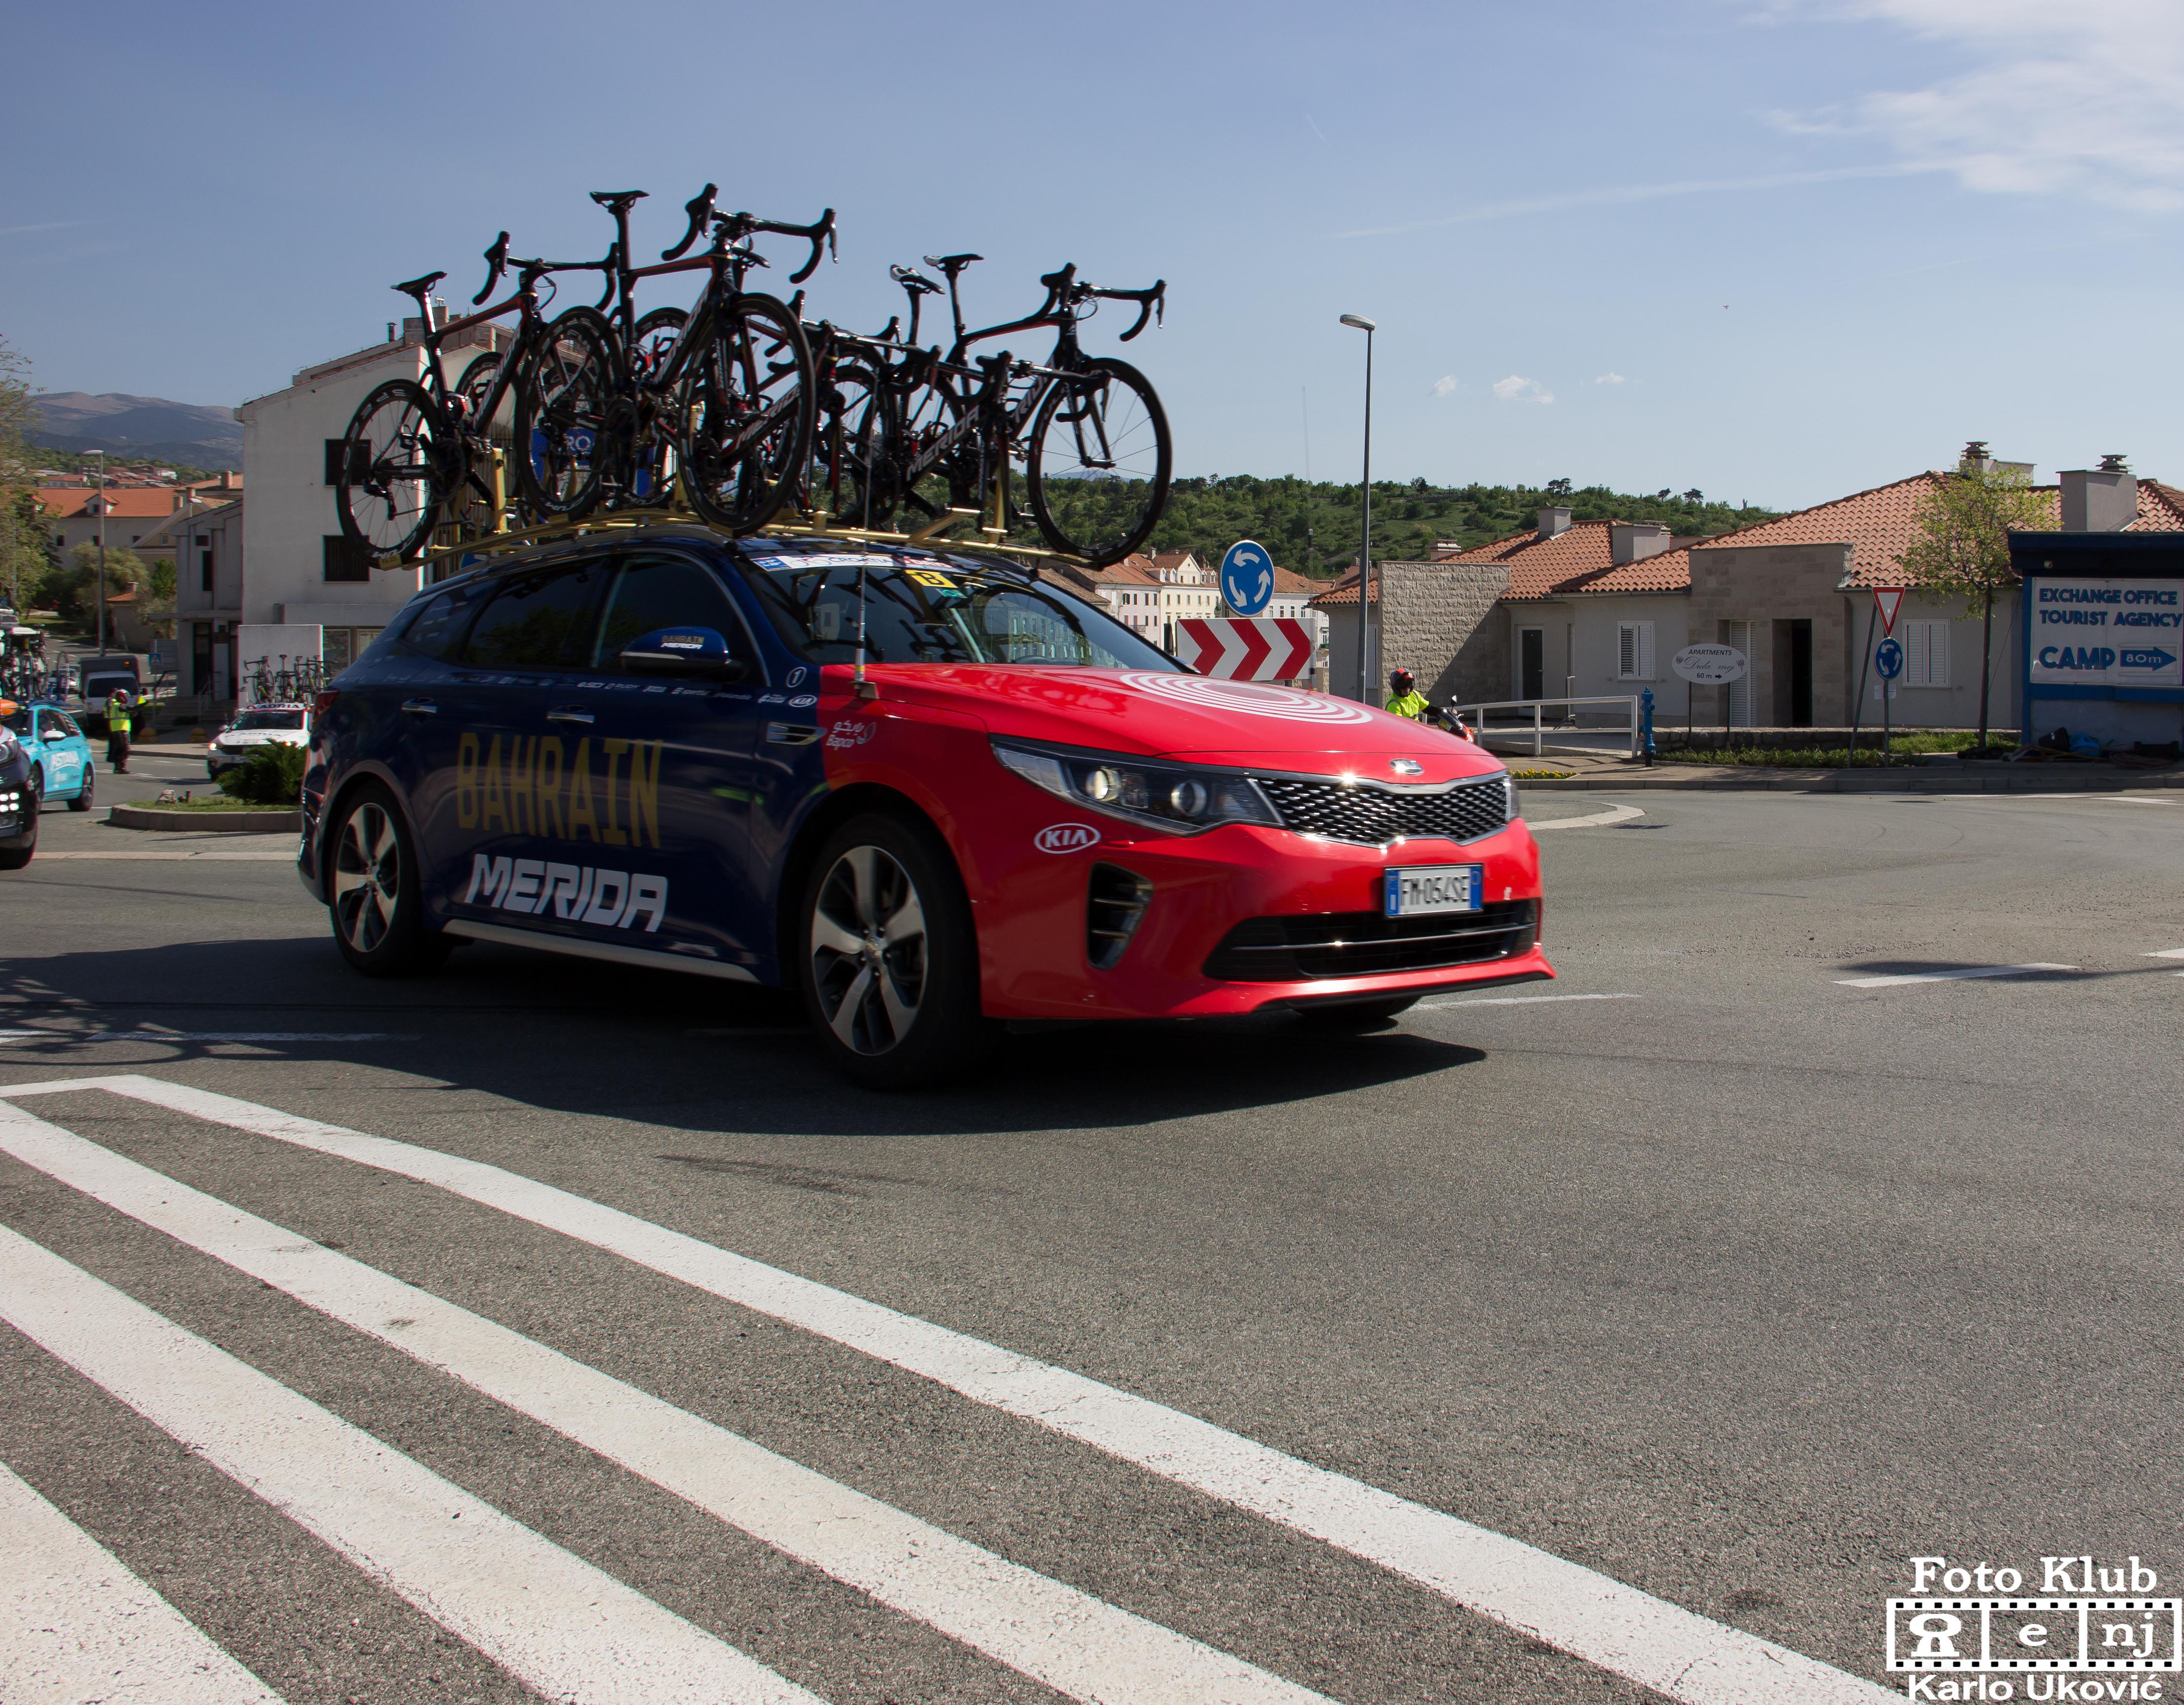 Tour of Croatia 11